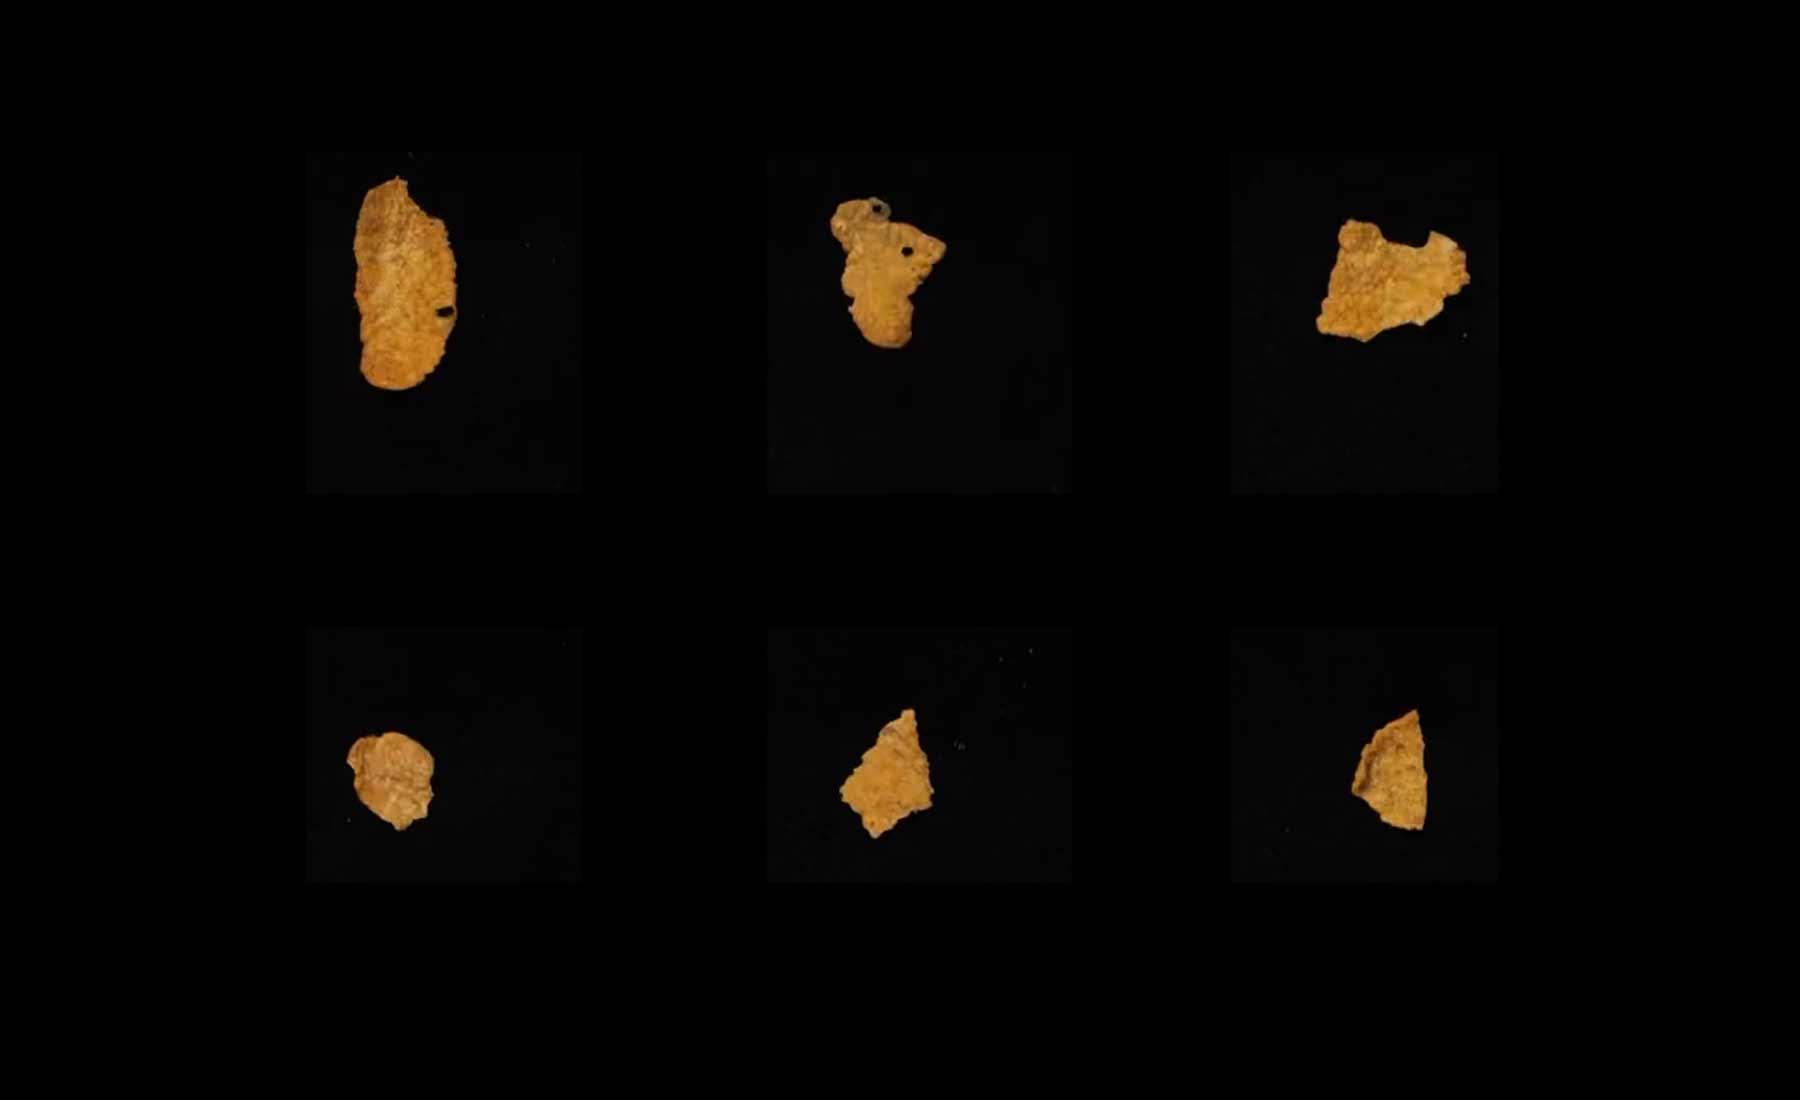 Jedes einzelne Cornflake einer Packung fotografiert